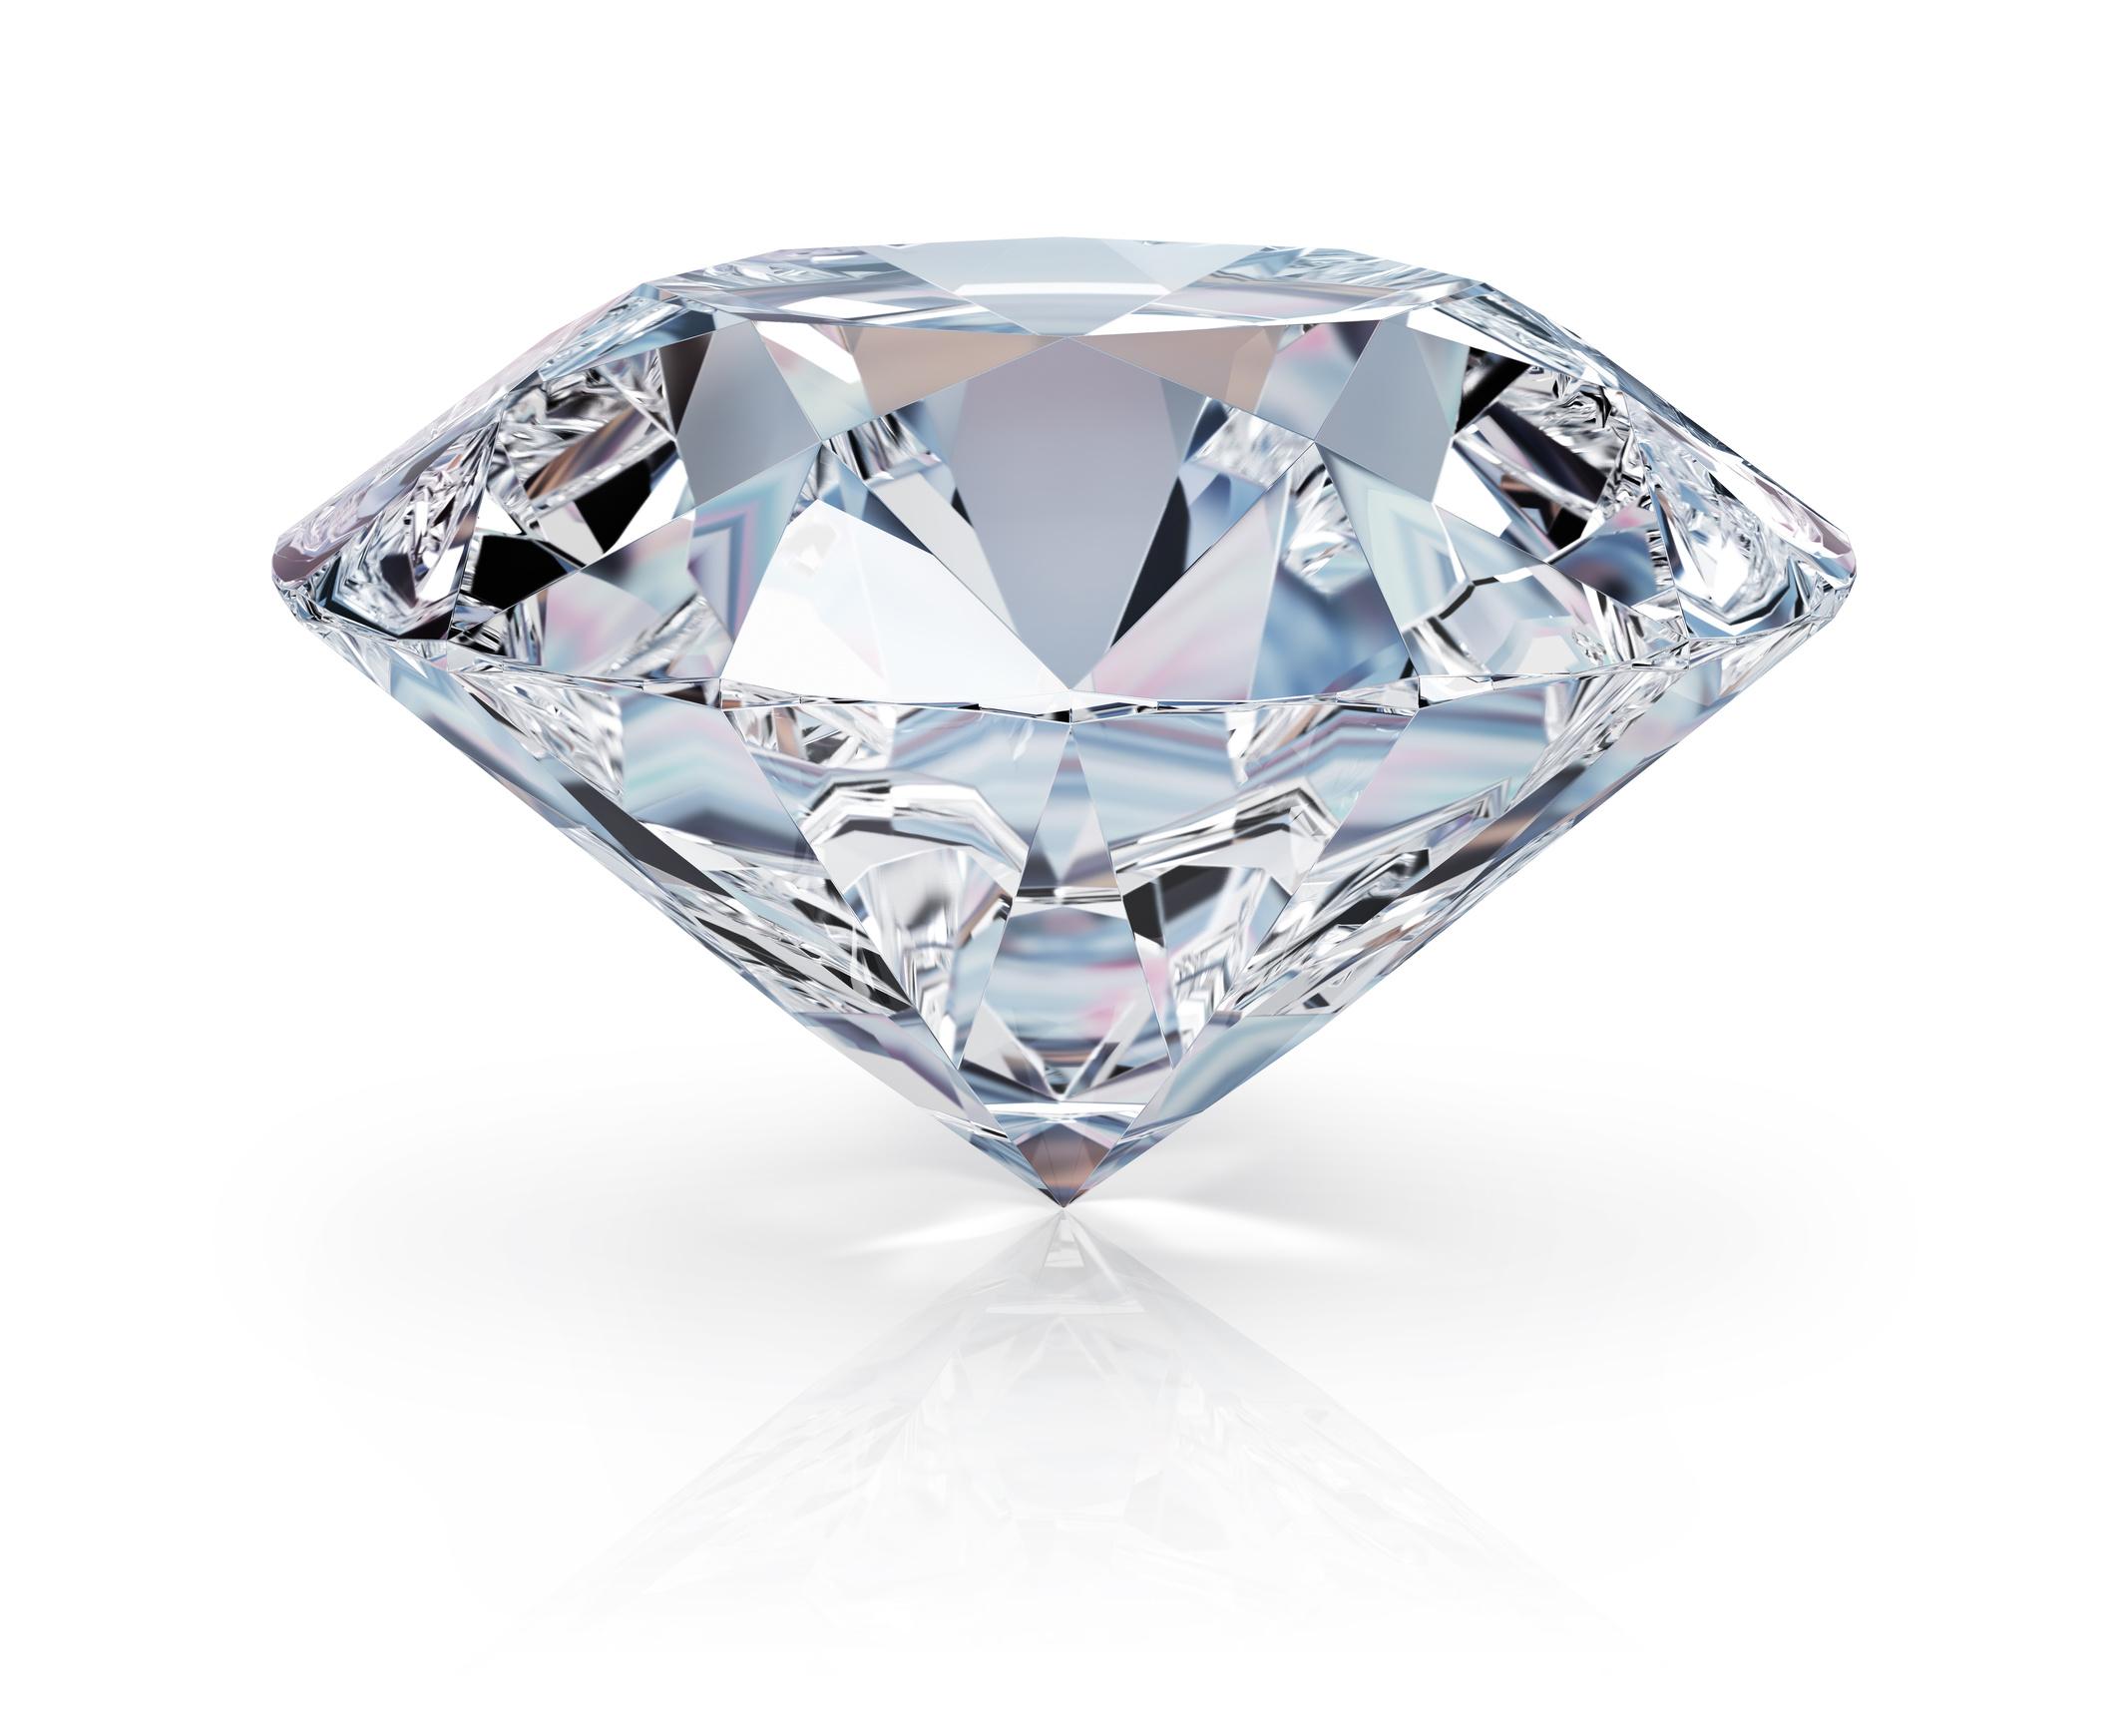 The Round Cut Diamond